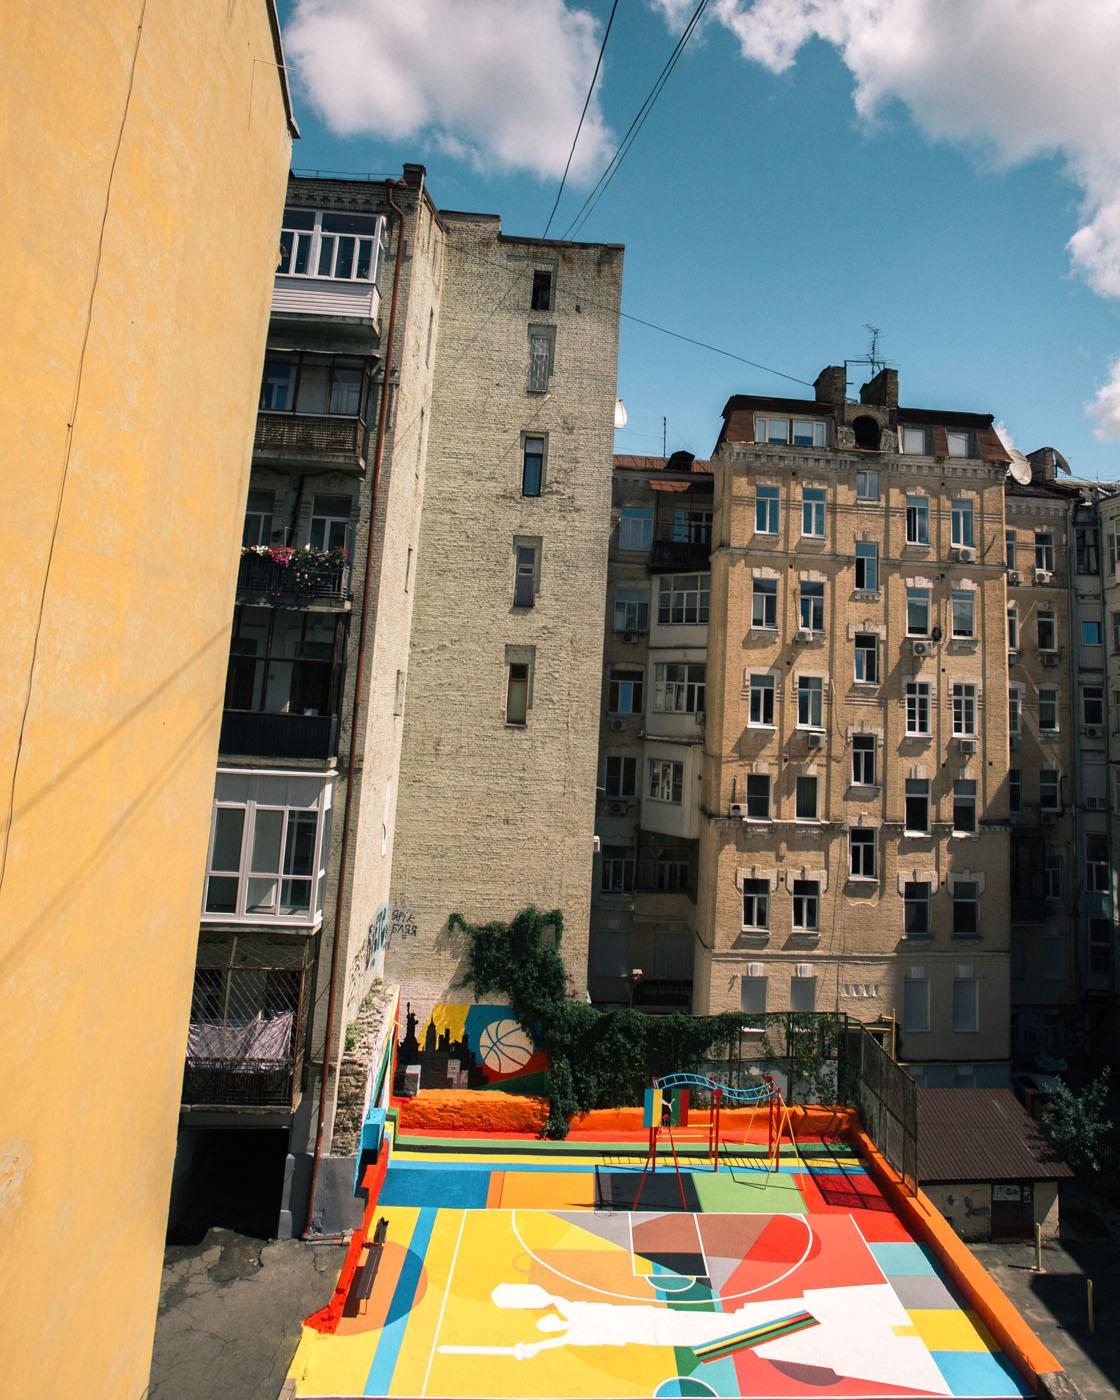 PUMA відкрив у центрі Києва баскетбольний майданчик. Ось який він на вигляд  — DTF MAGAZINE | DON'T TAKE FAKE